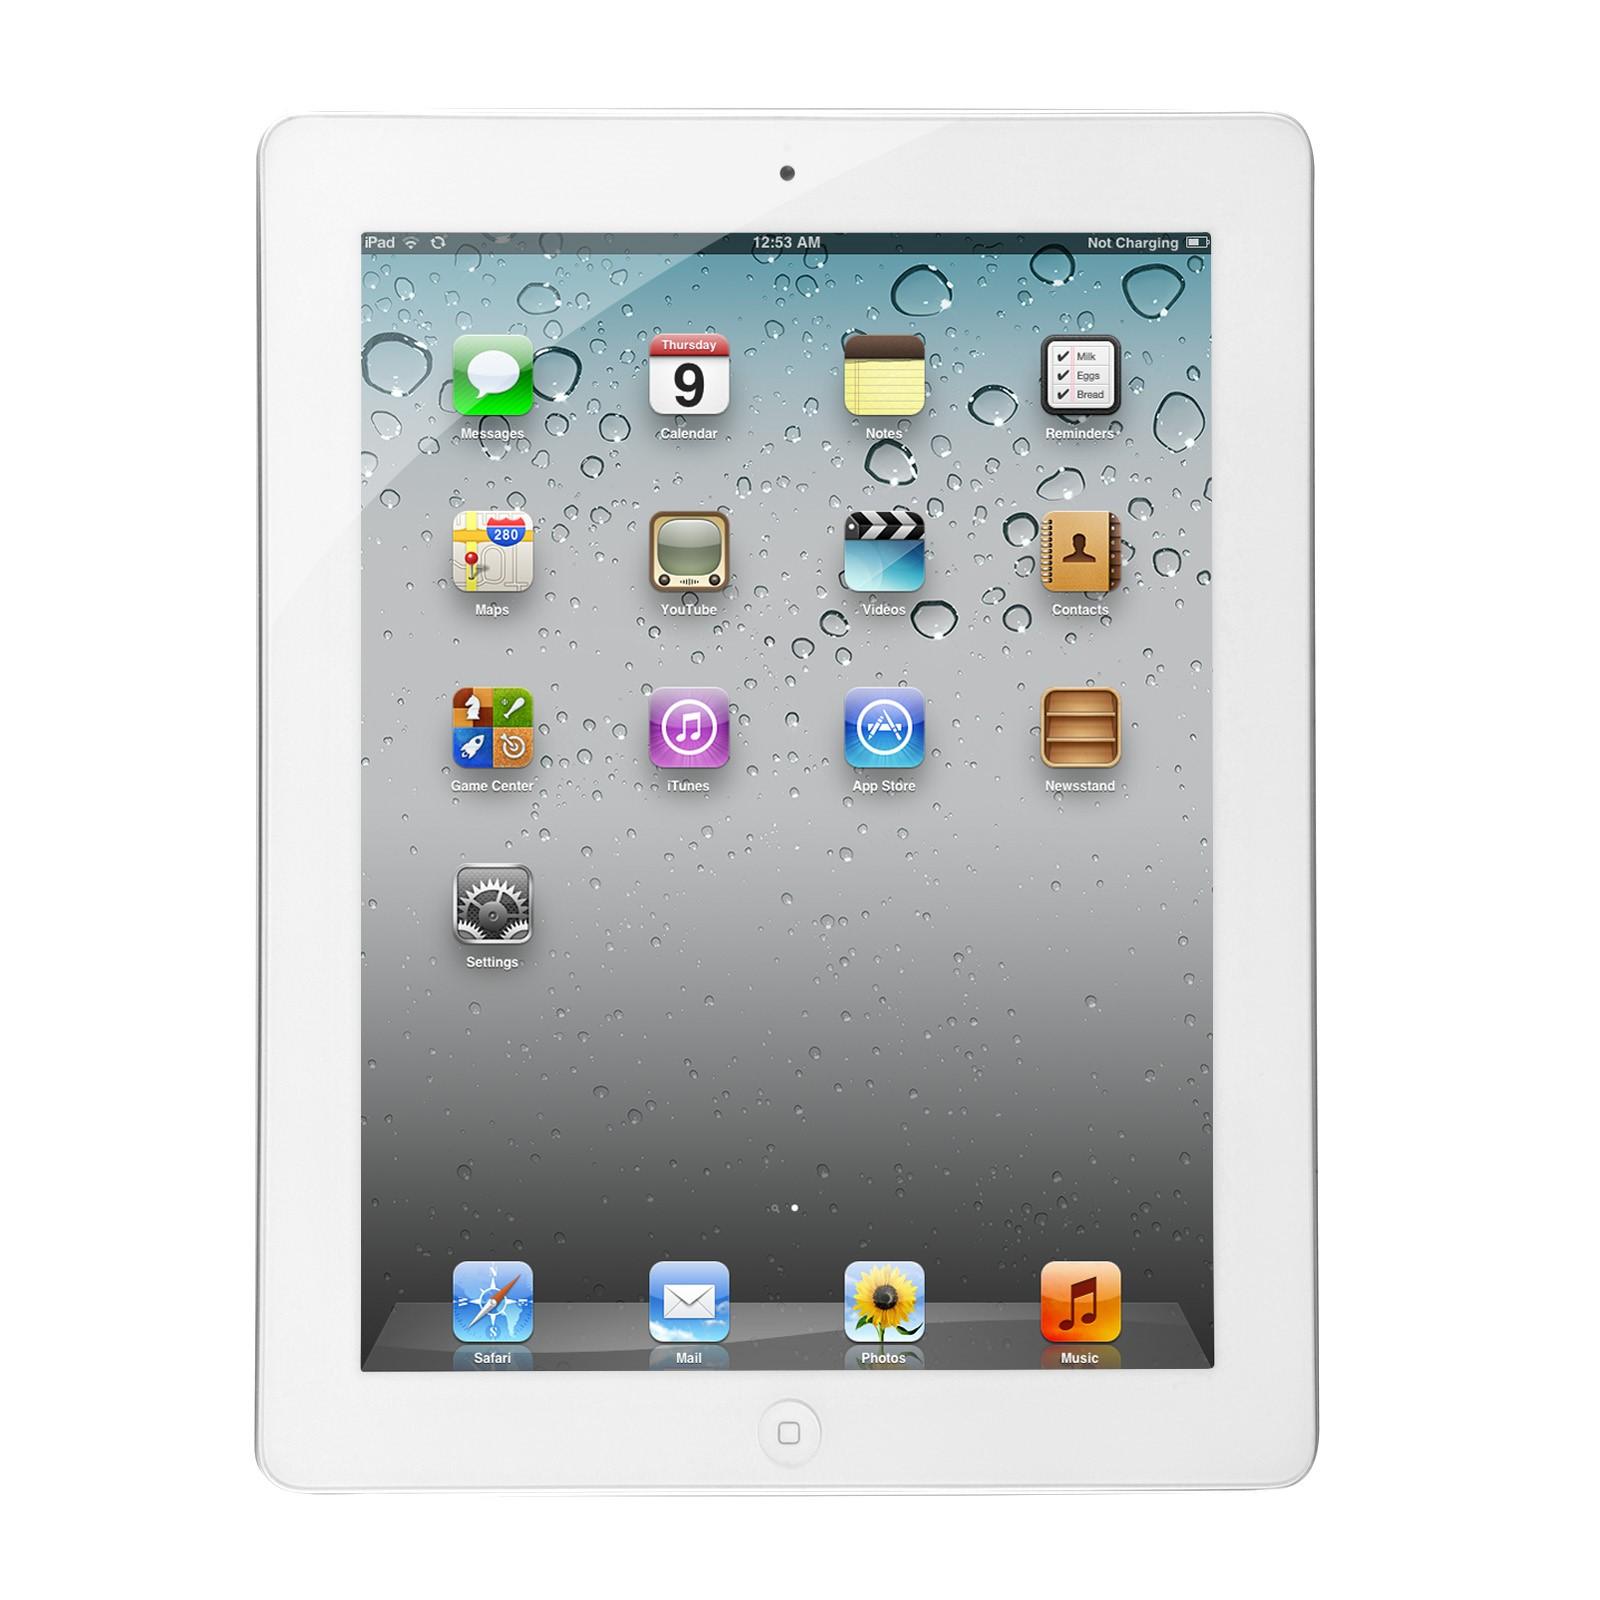 Apple iPad 2 Tablet 64GB White